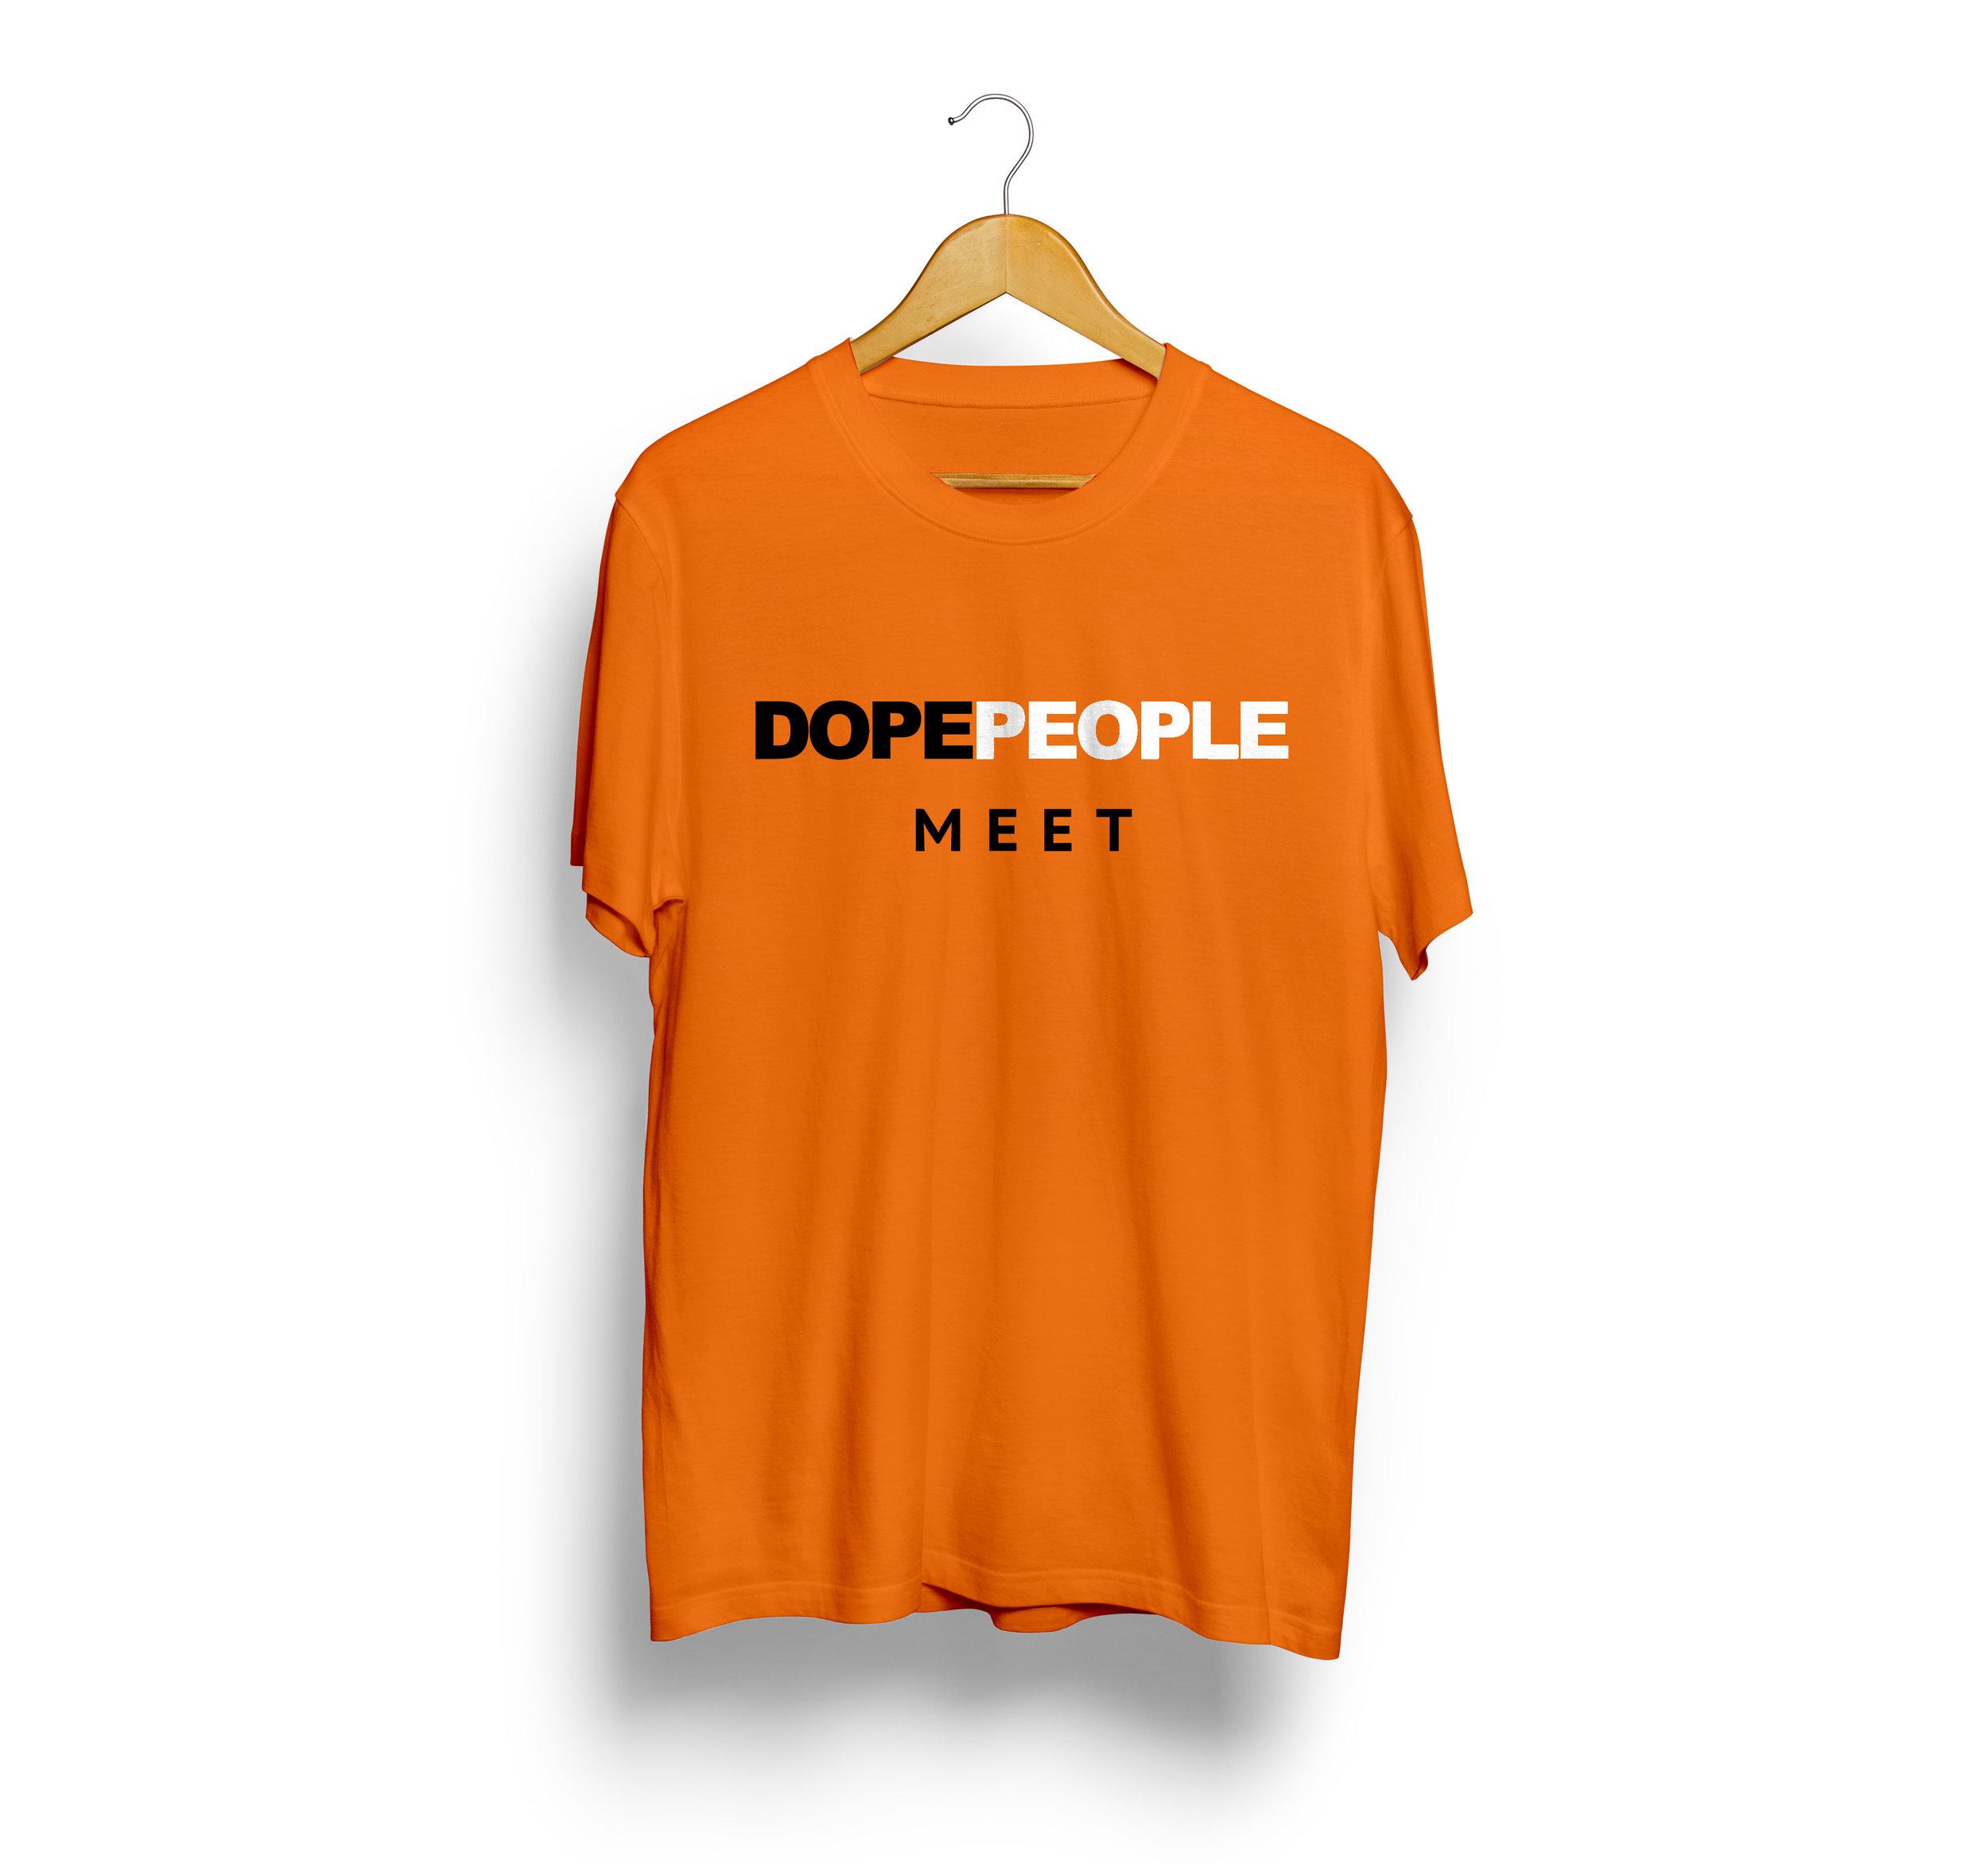 Official Dope People Meet Tangerine Tee  $25